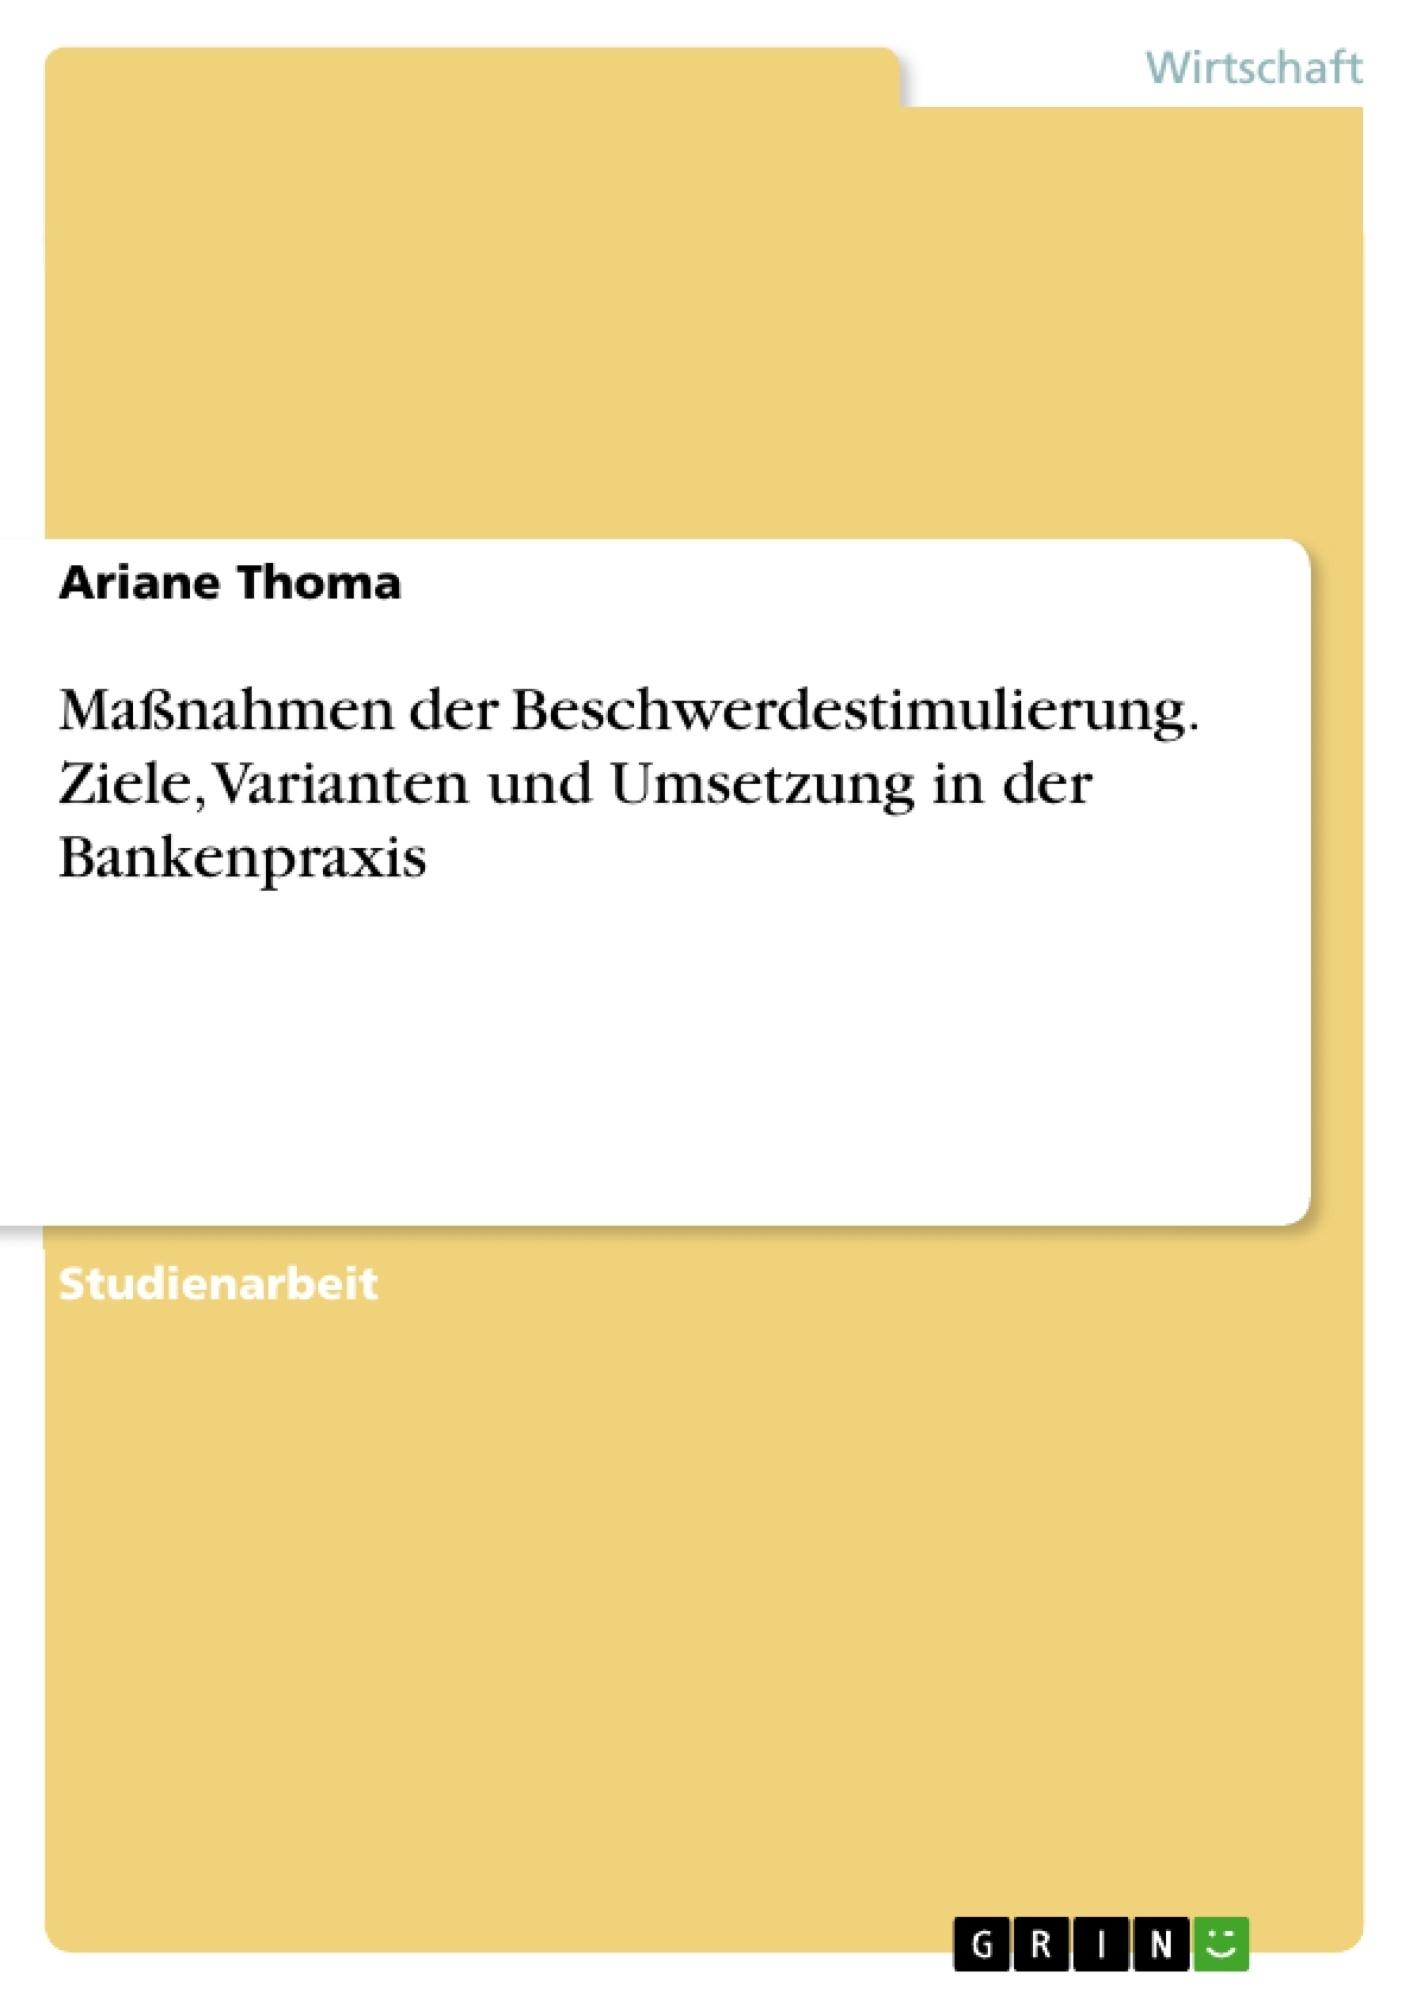 Titel: Maßnahmen der Beschwerdestimulierung. Ziele, Varianten und Umsetzung in der Bankenpraxis